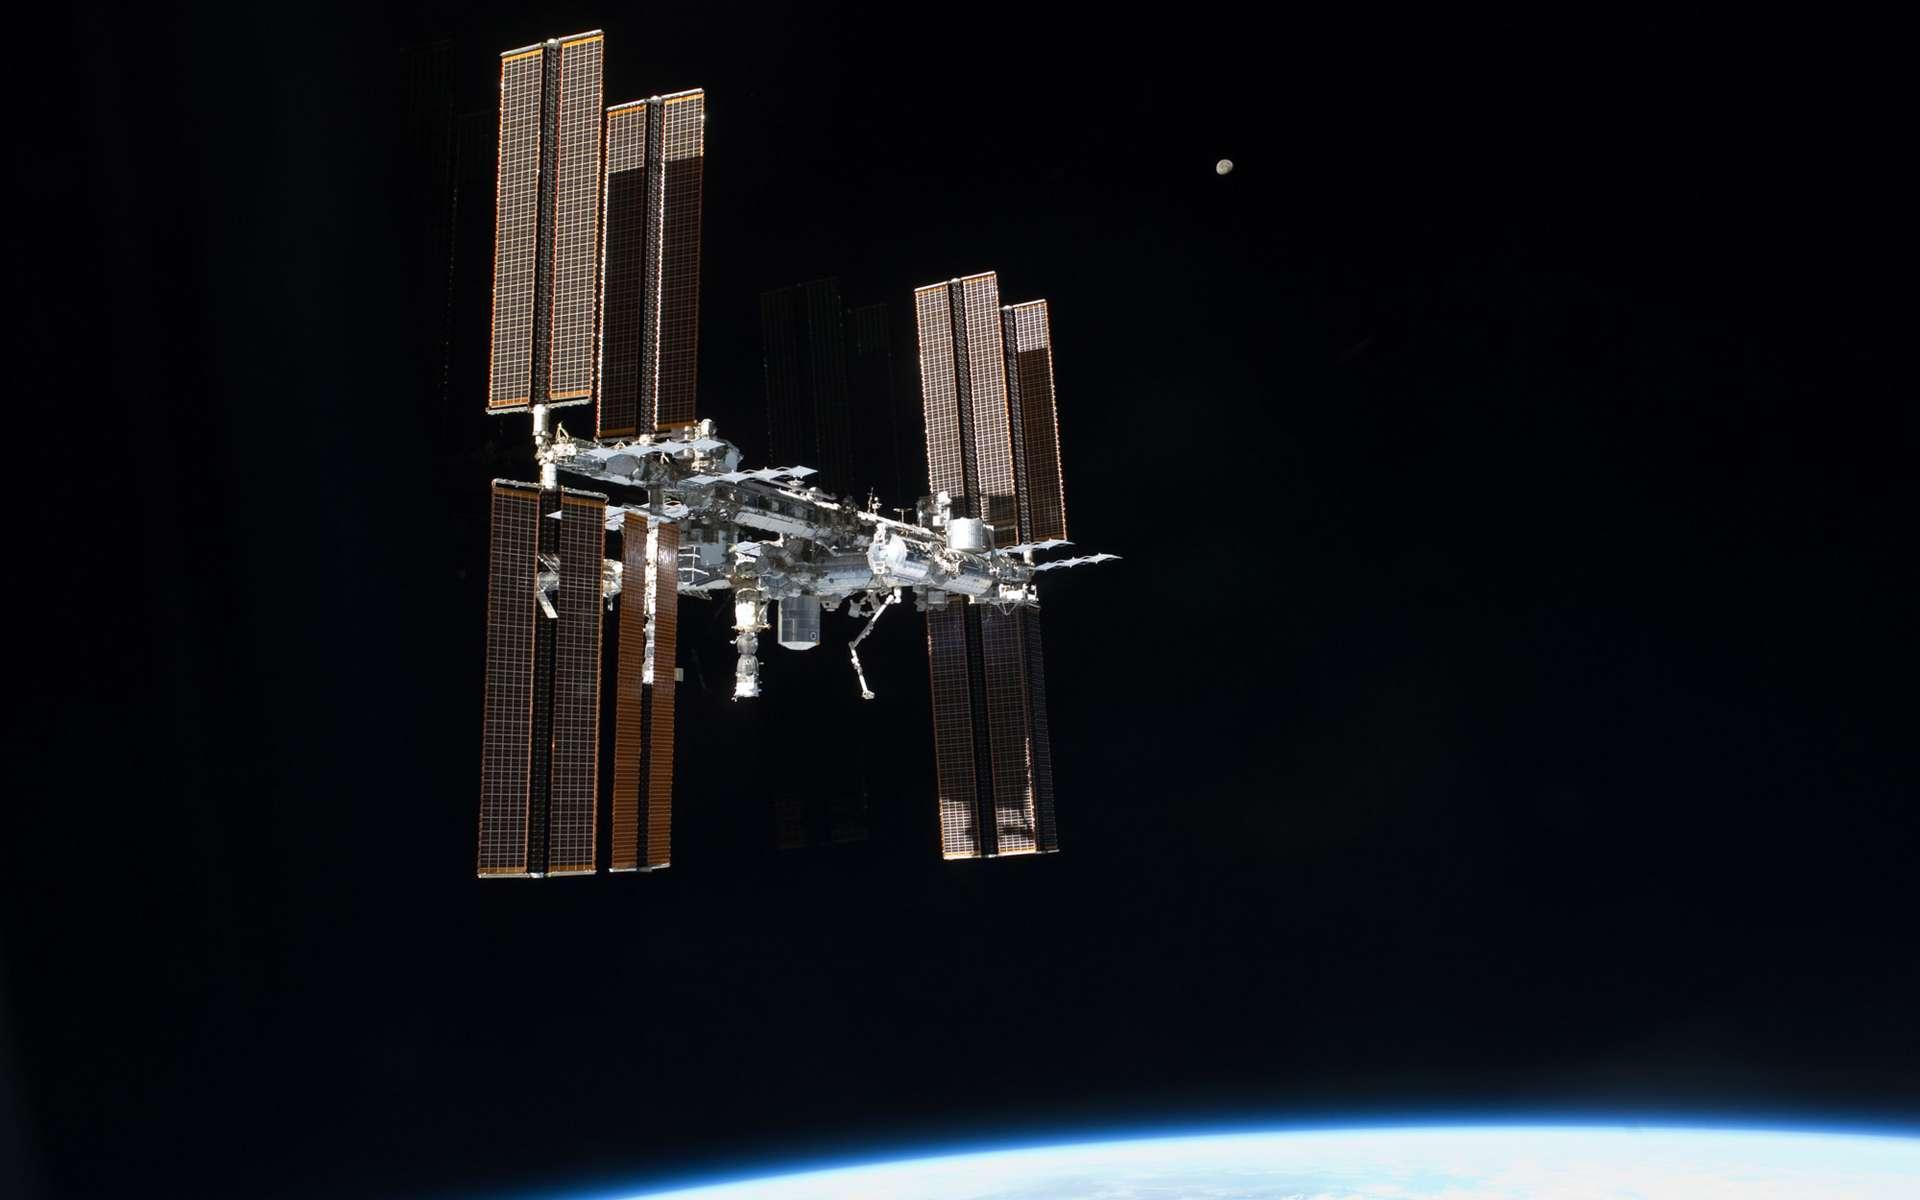 La Station spatiale vue par le dernier équipage d'une navette, en juillet 2011. Longue de 109 mètres pour une masse de 420 tonnes, l'ISS est quatre fois plus grande que l'ancienne station spatiale russe Mir et environ cinq fois plus grande que le Skylab américain des années 1970. © Nasa